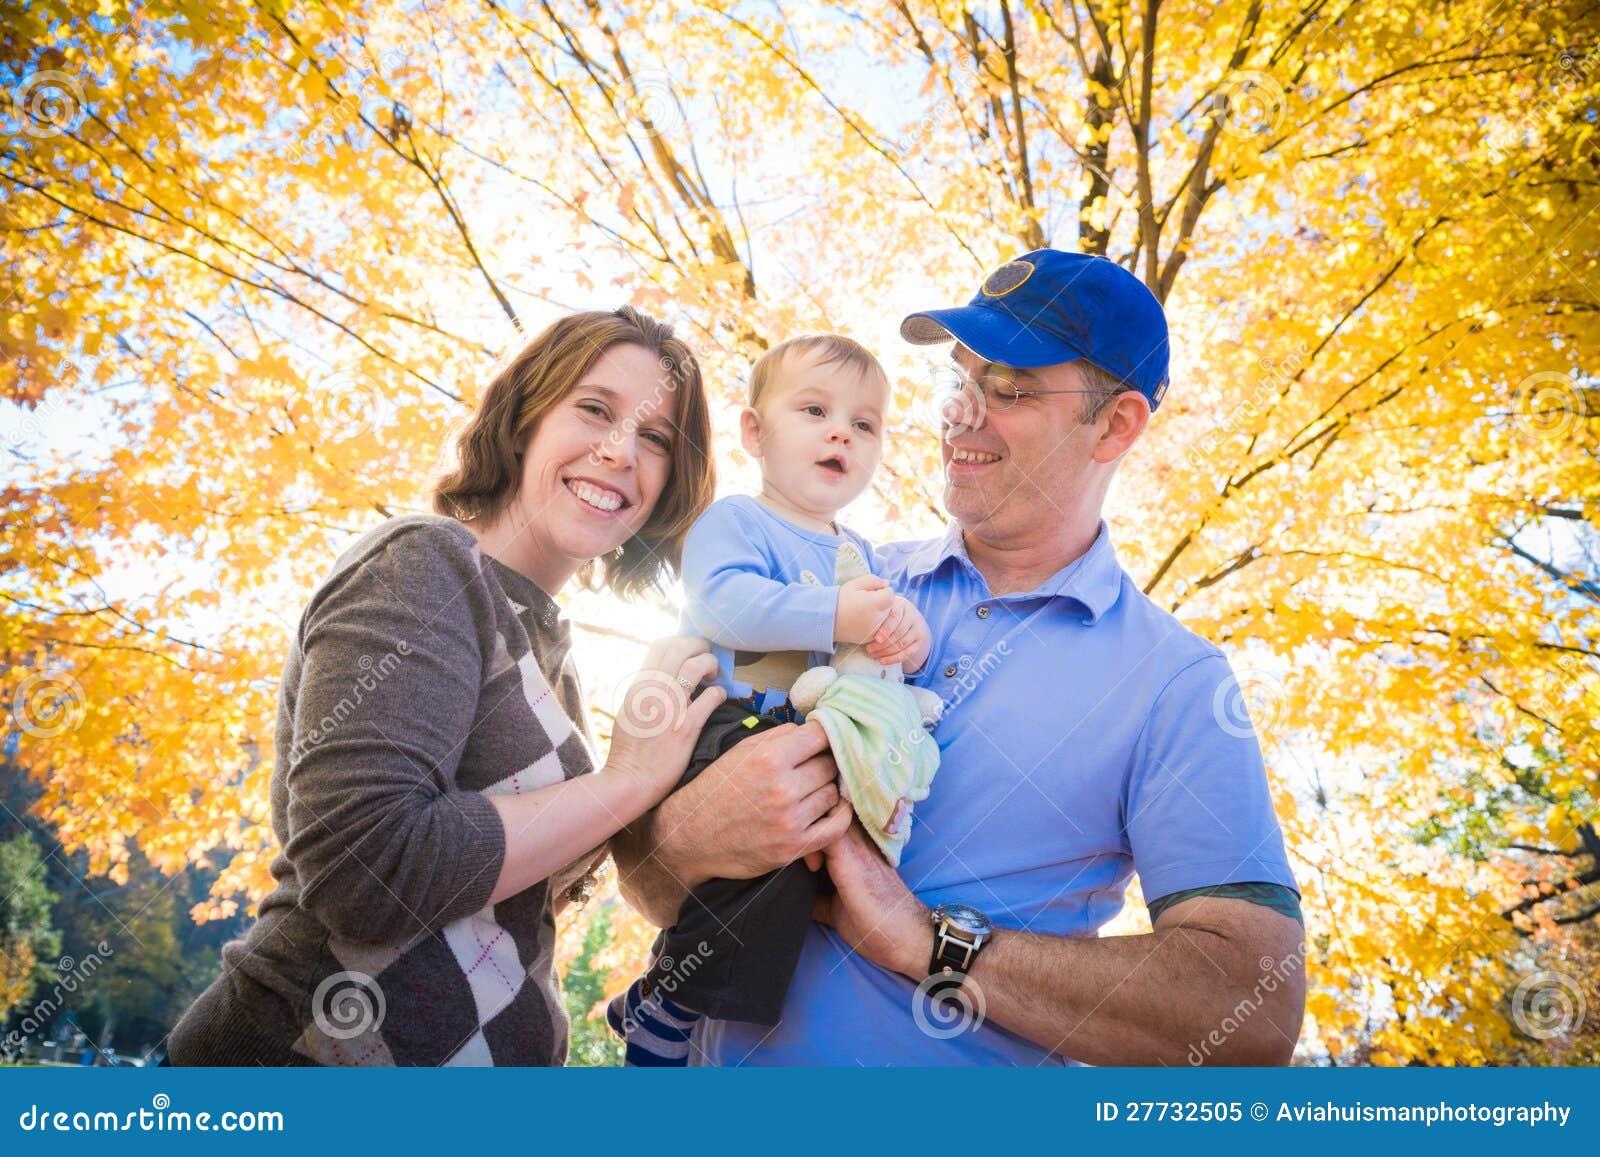 Herbst ist Spaß für die Familie